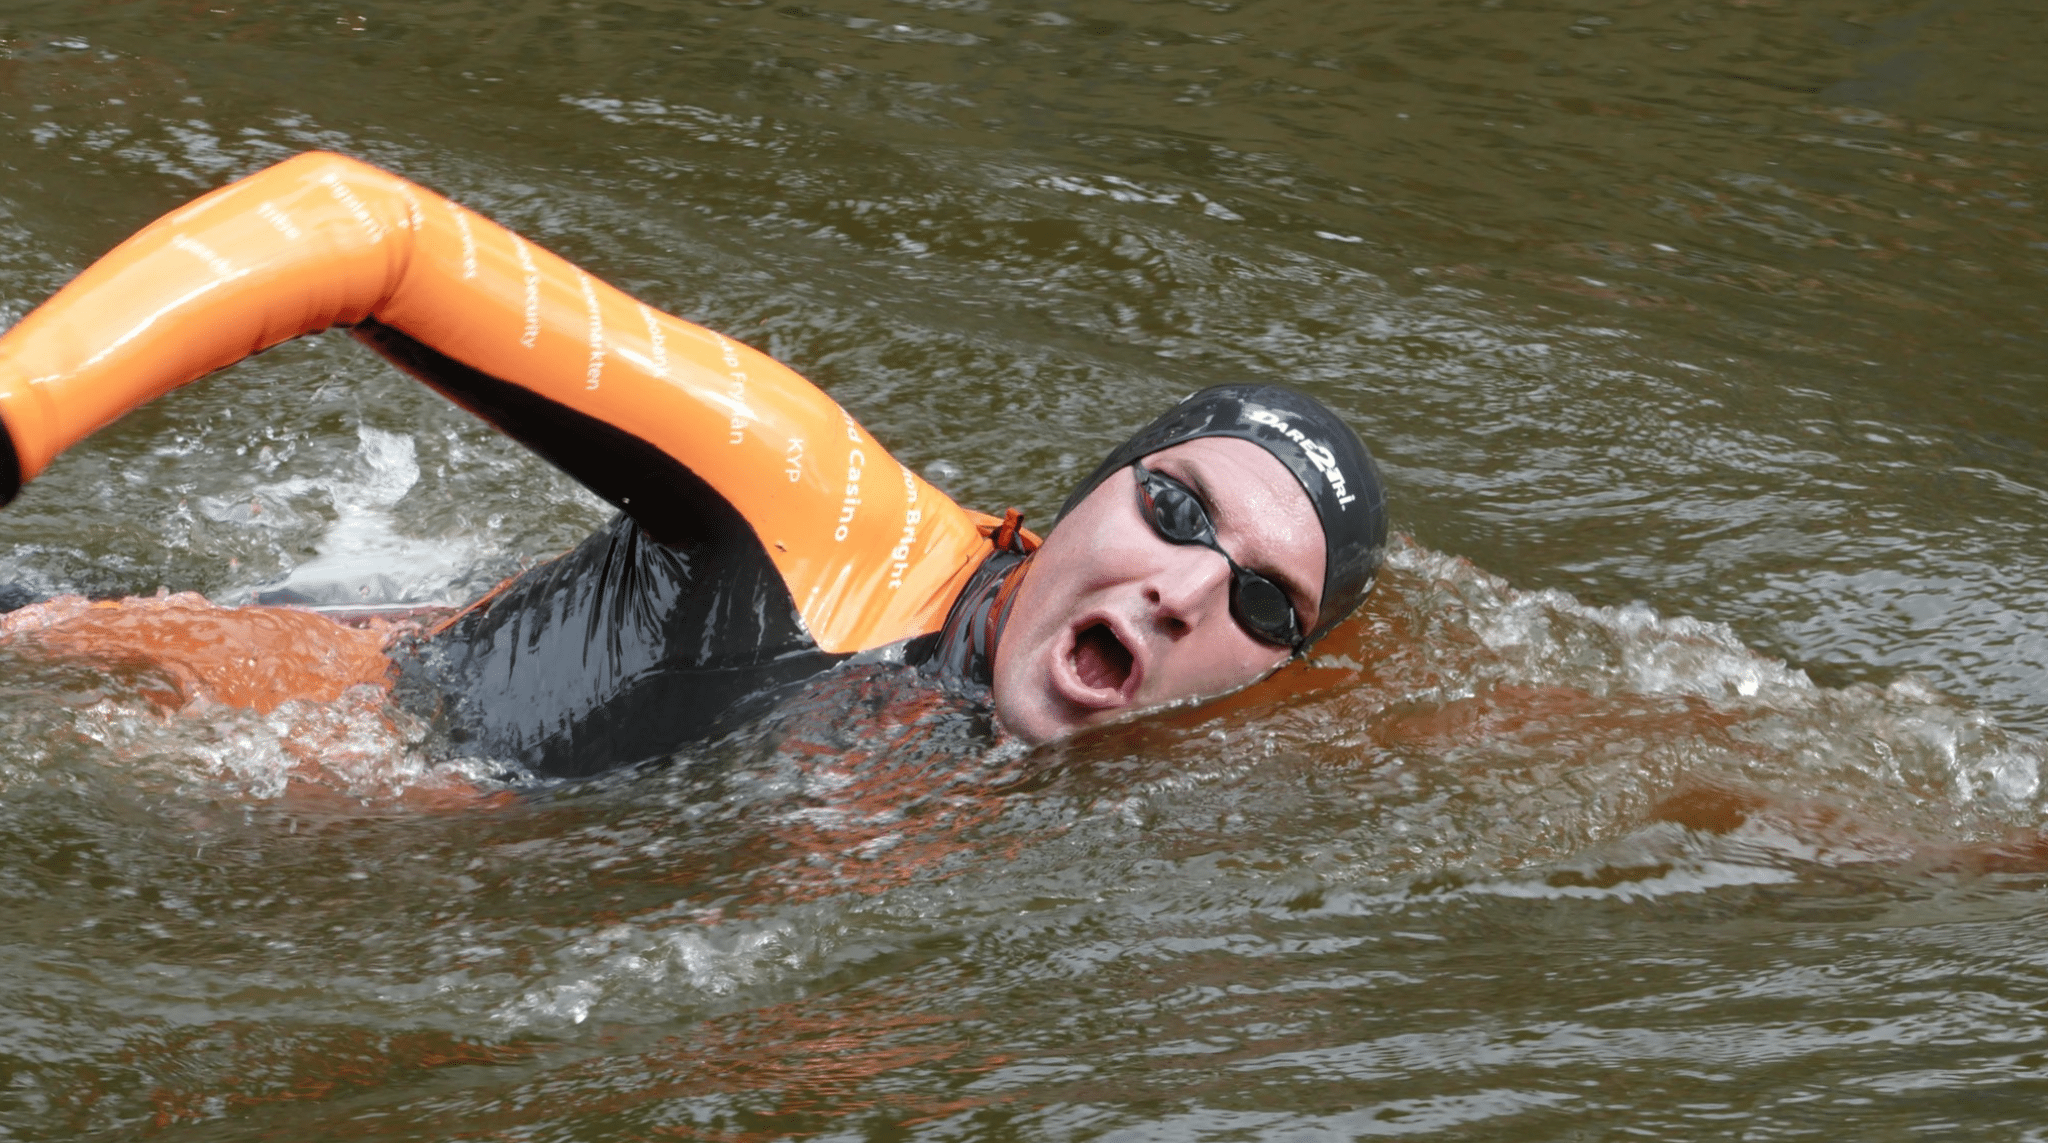 Maarten van der Weijden swims 55 hours to raise money for cancer research! he raised over 2.5 million euro's!